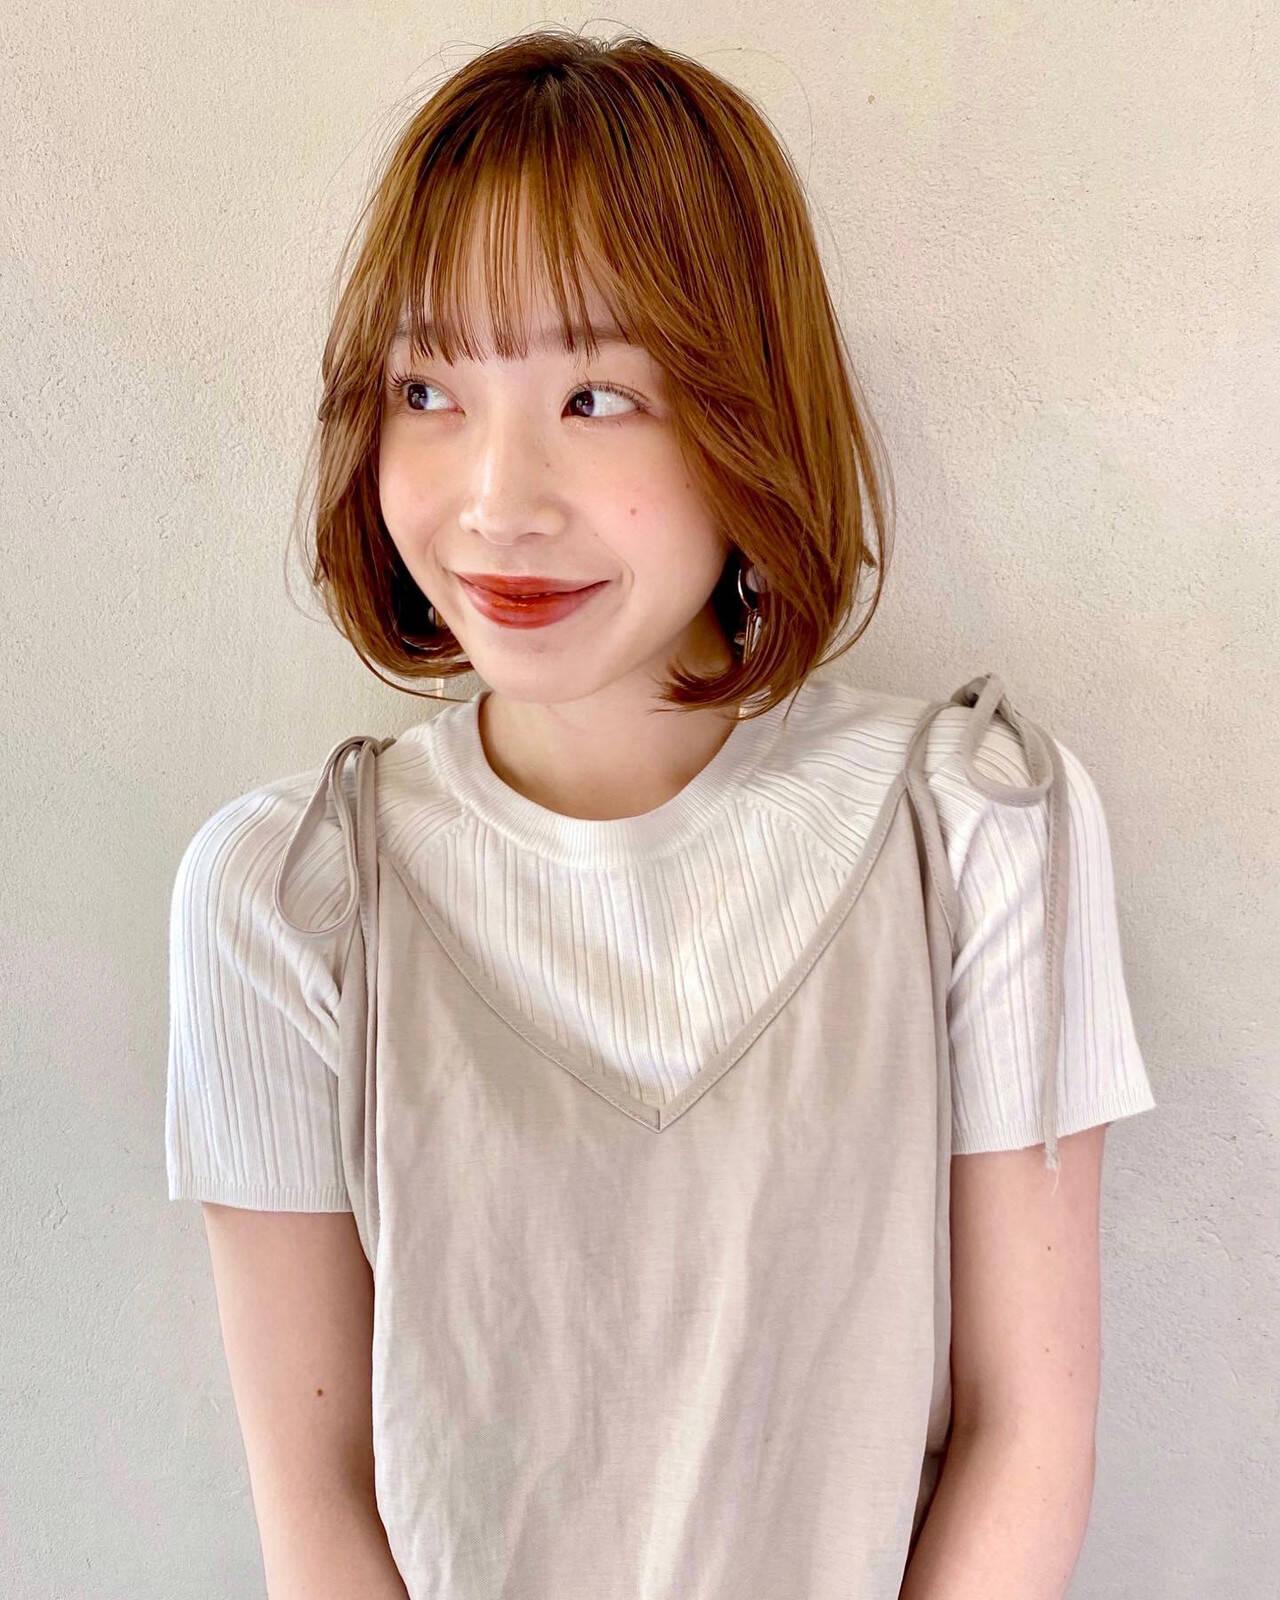 ボブ 韓国ヘア ナチュラル 韓国風ヘアーヘアスタイルや髪型の写真・画像